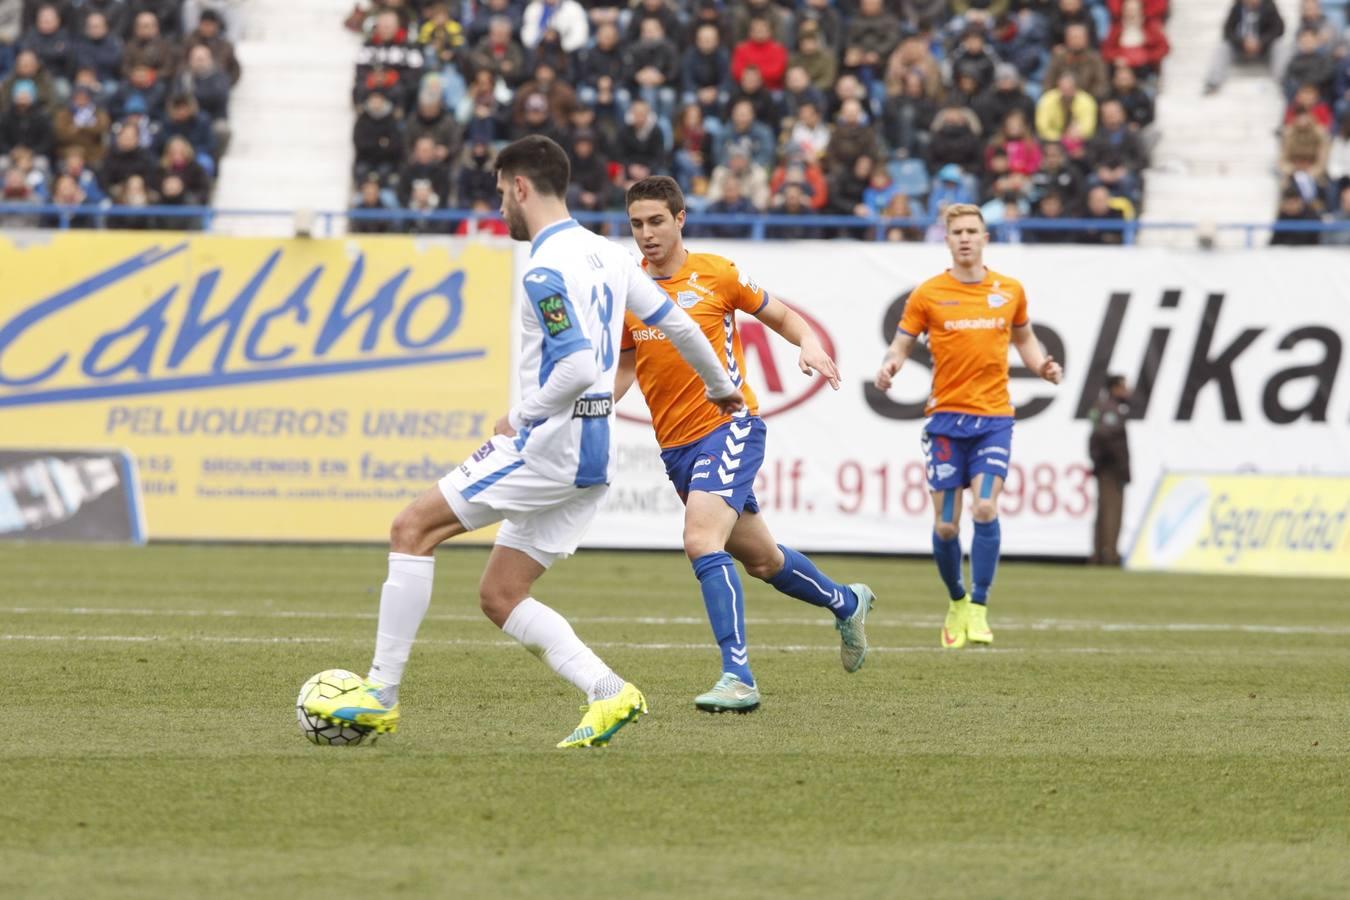 Alaves leganes liga adelante . Vitoria, 28-02-2016. Fotografia Rafa Gutierrez